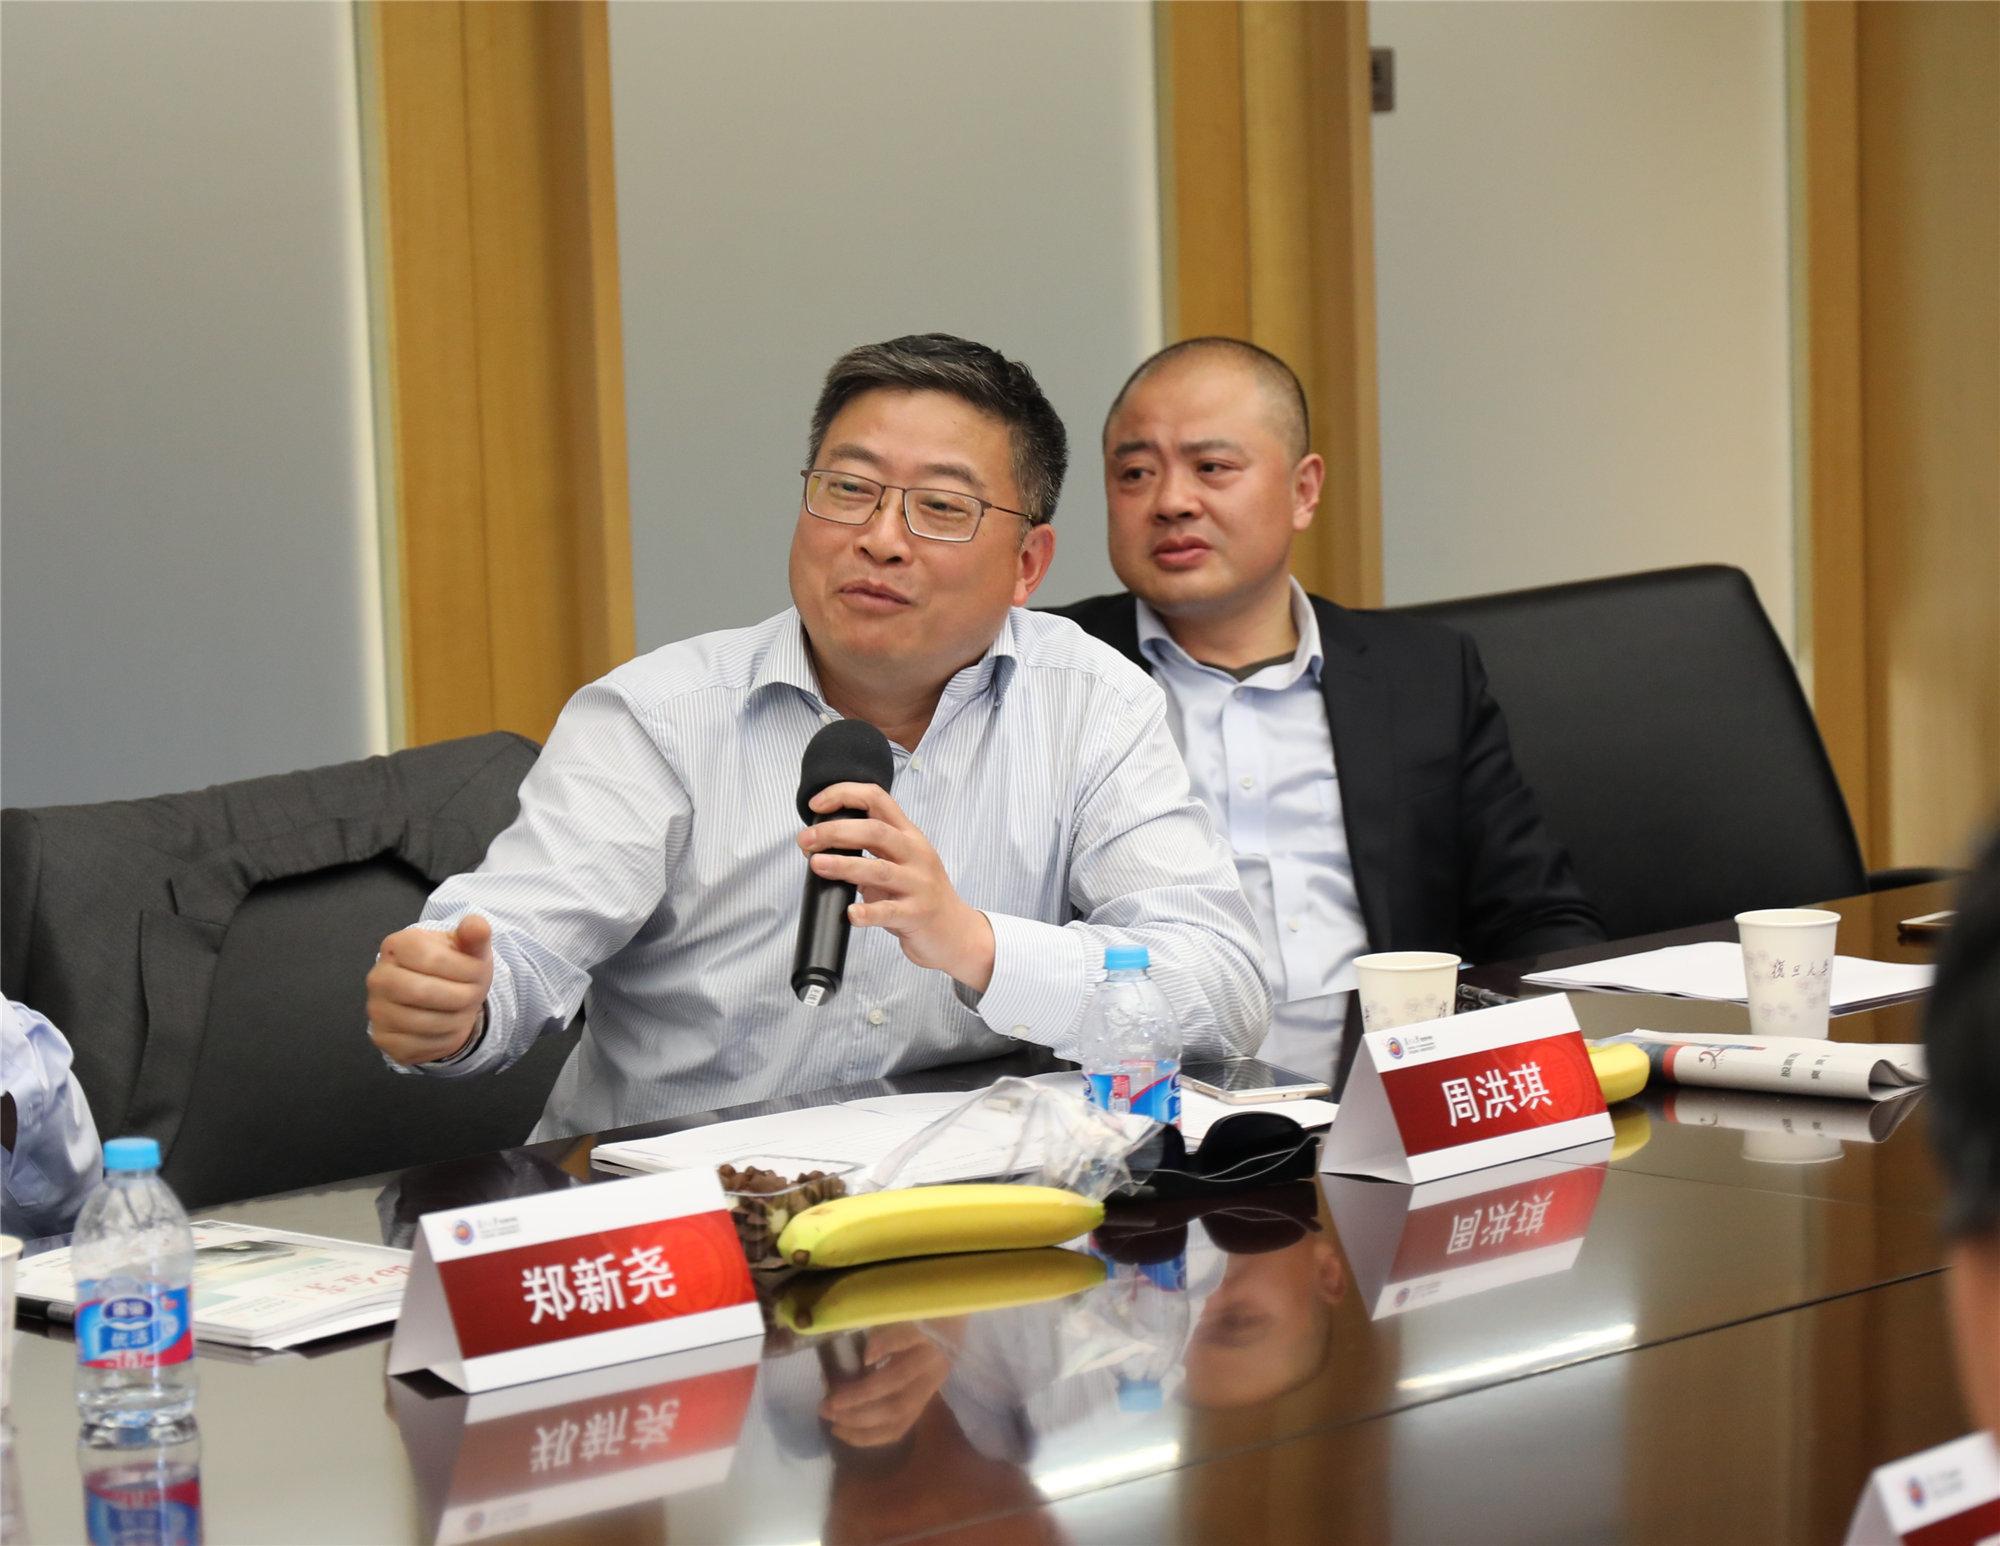 上海黃浦區商務委副主任 周洪琪